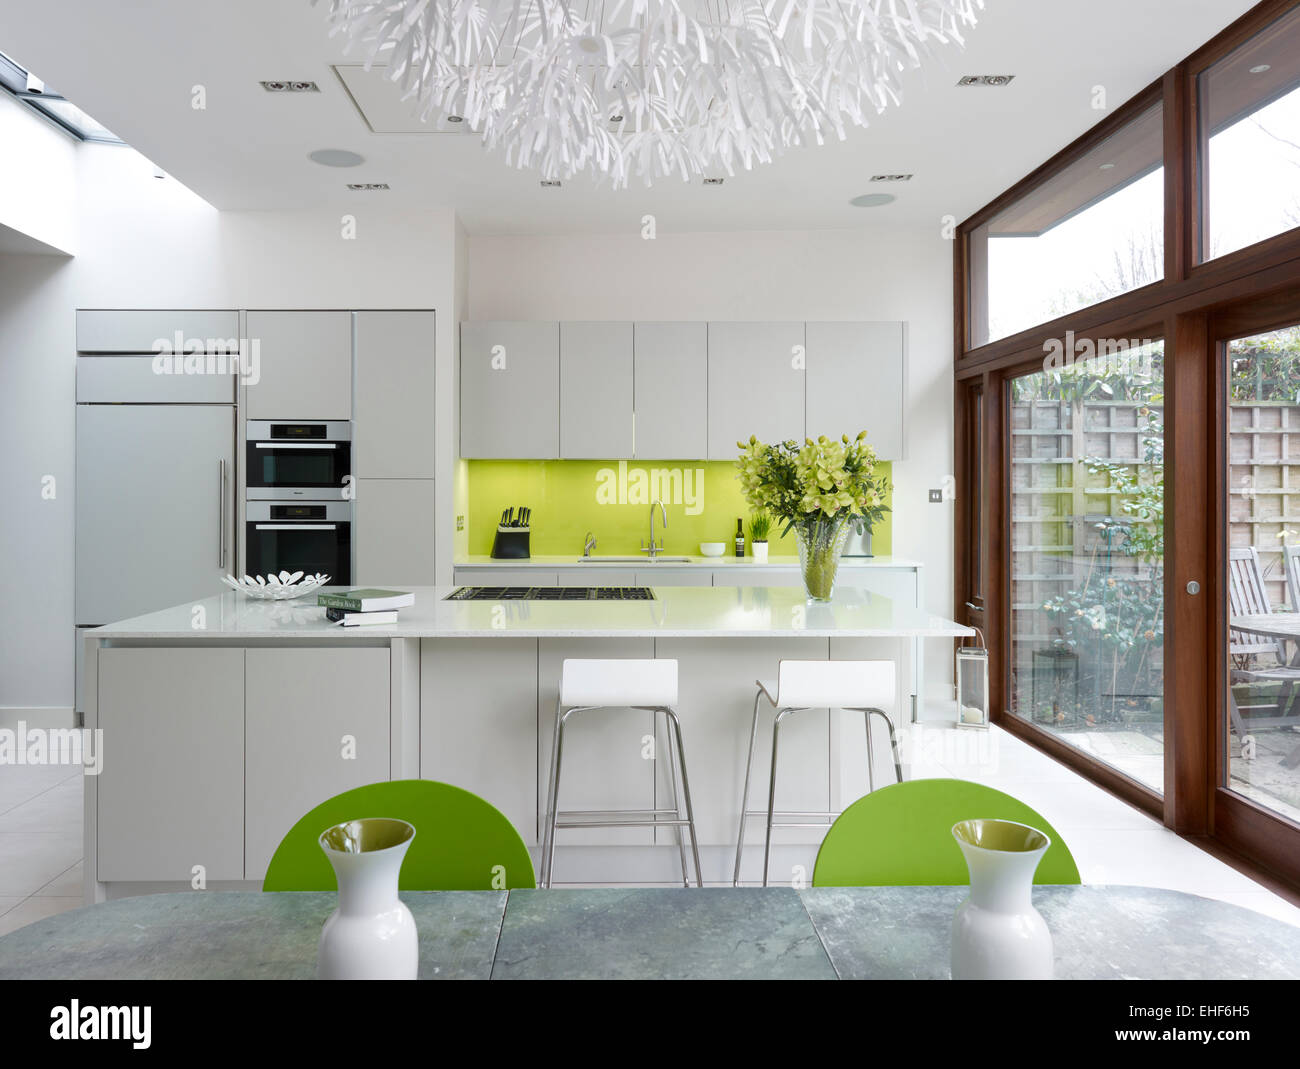 Lime Grün Stühle Mit Tisch Und Zwei Vasen Und Blumen In